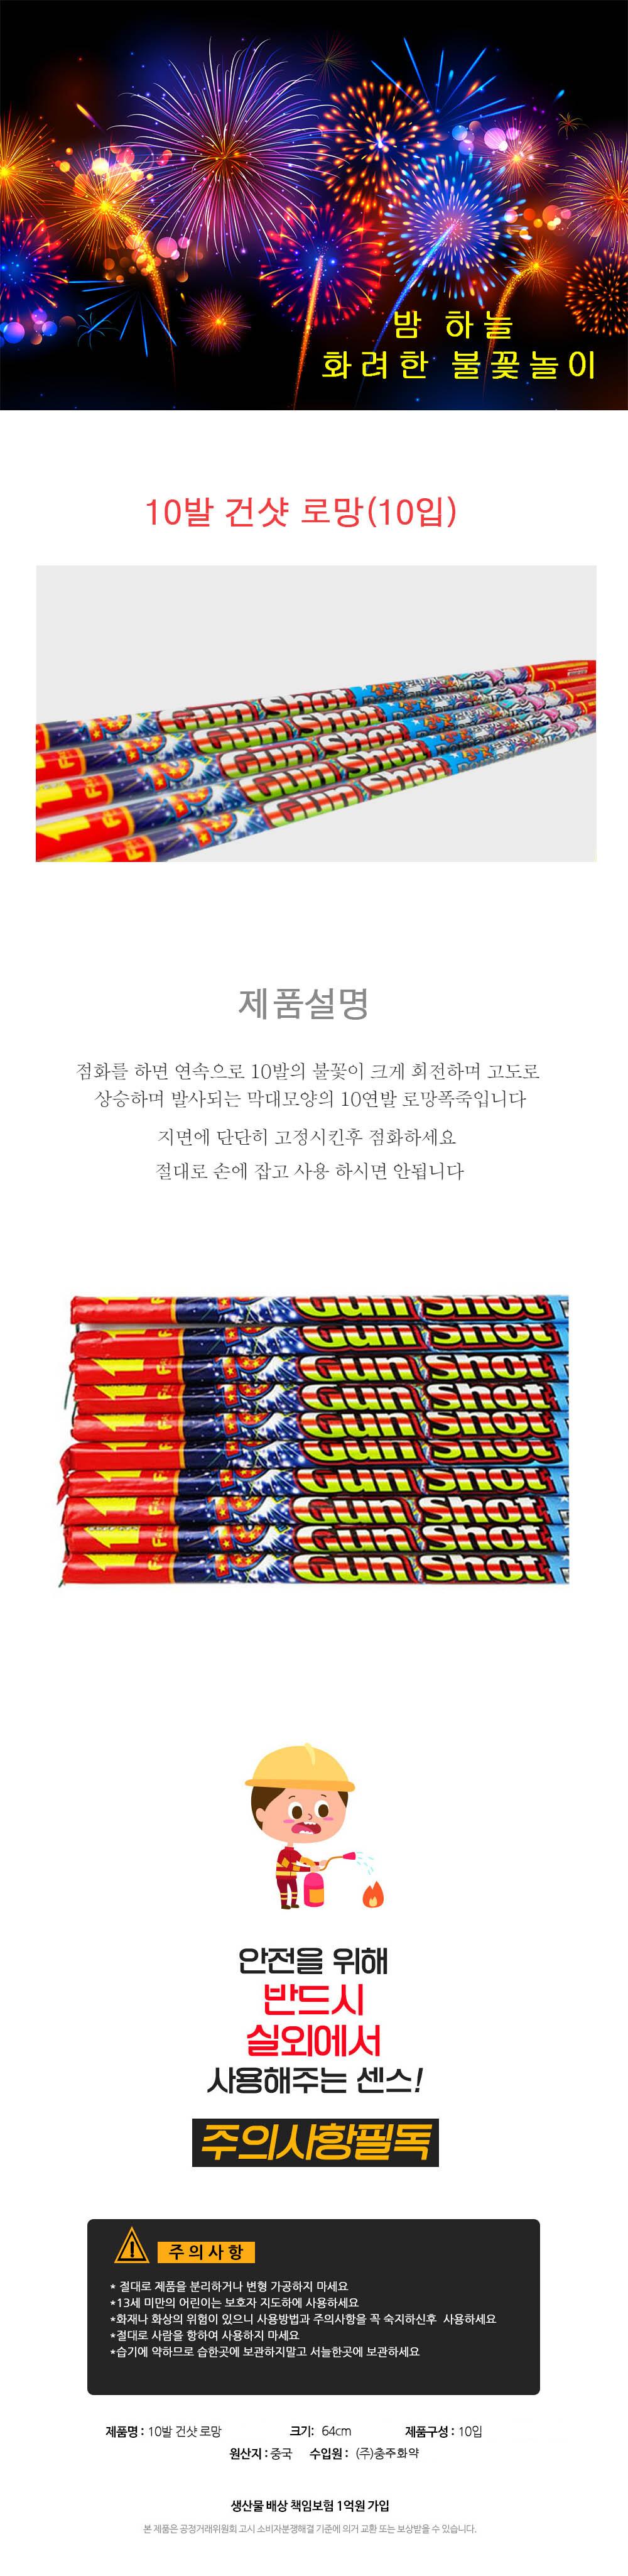 10발 건샷로망(10입) - 파티클럽, 13,300원, 파티용품, 양초/폭죽